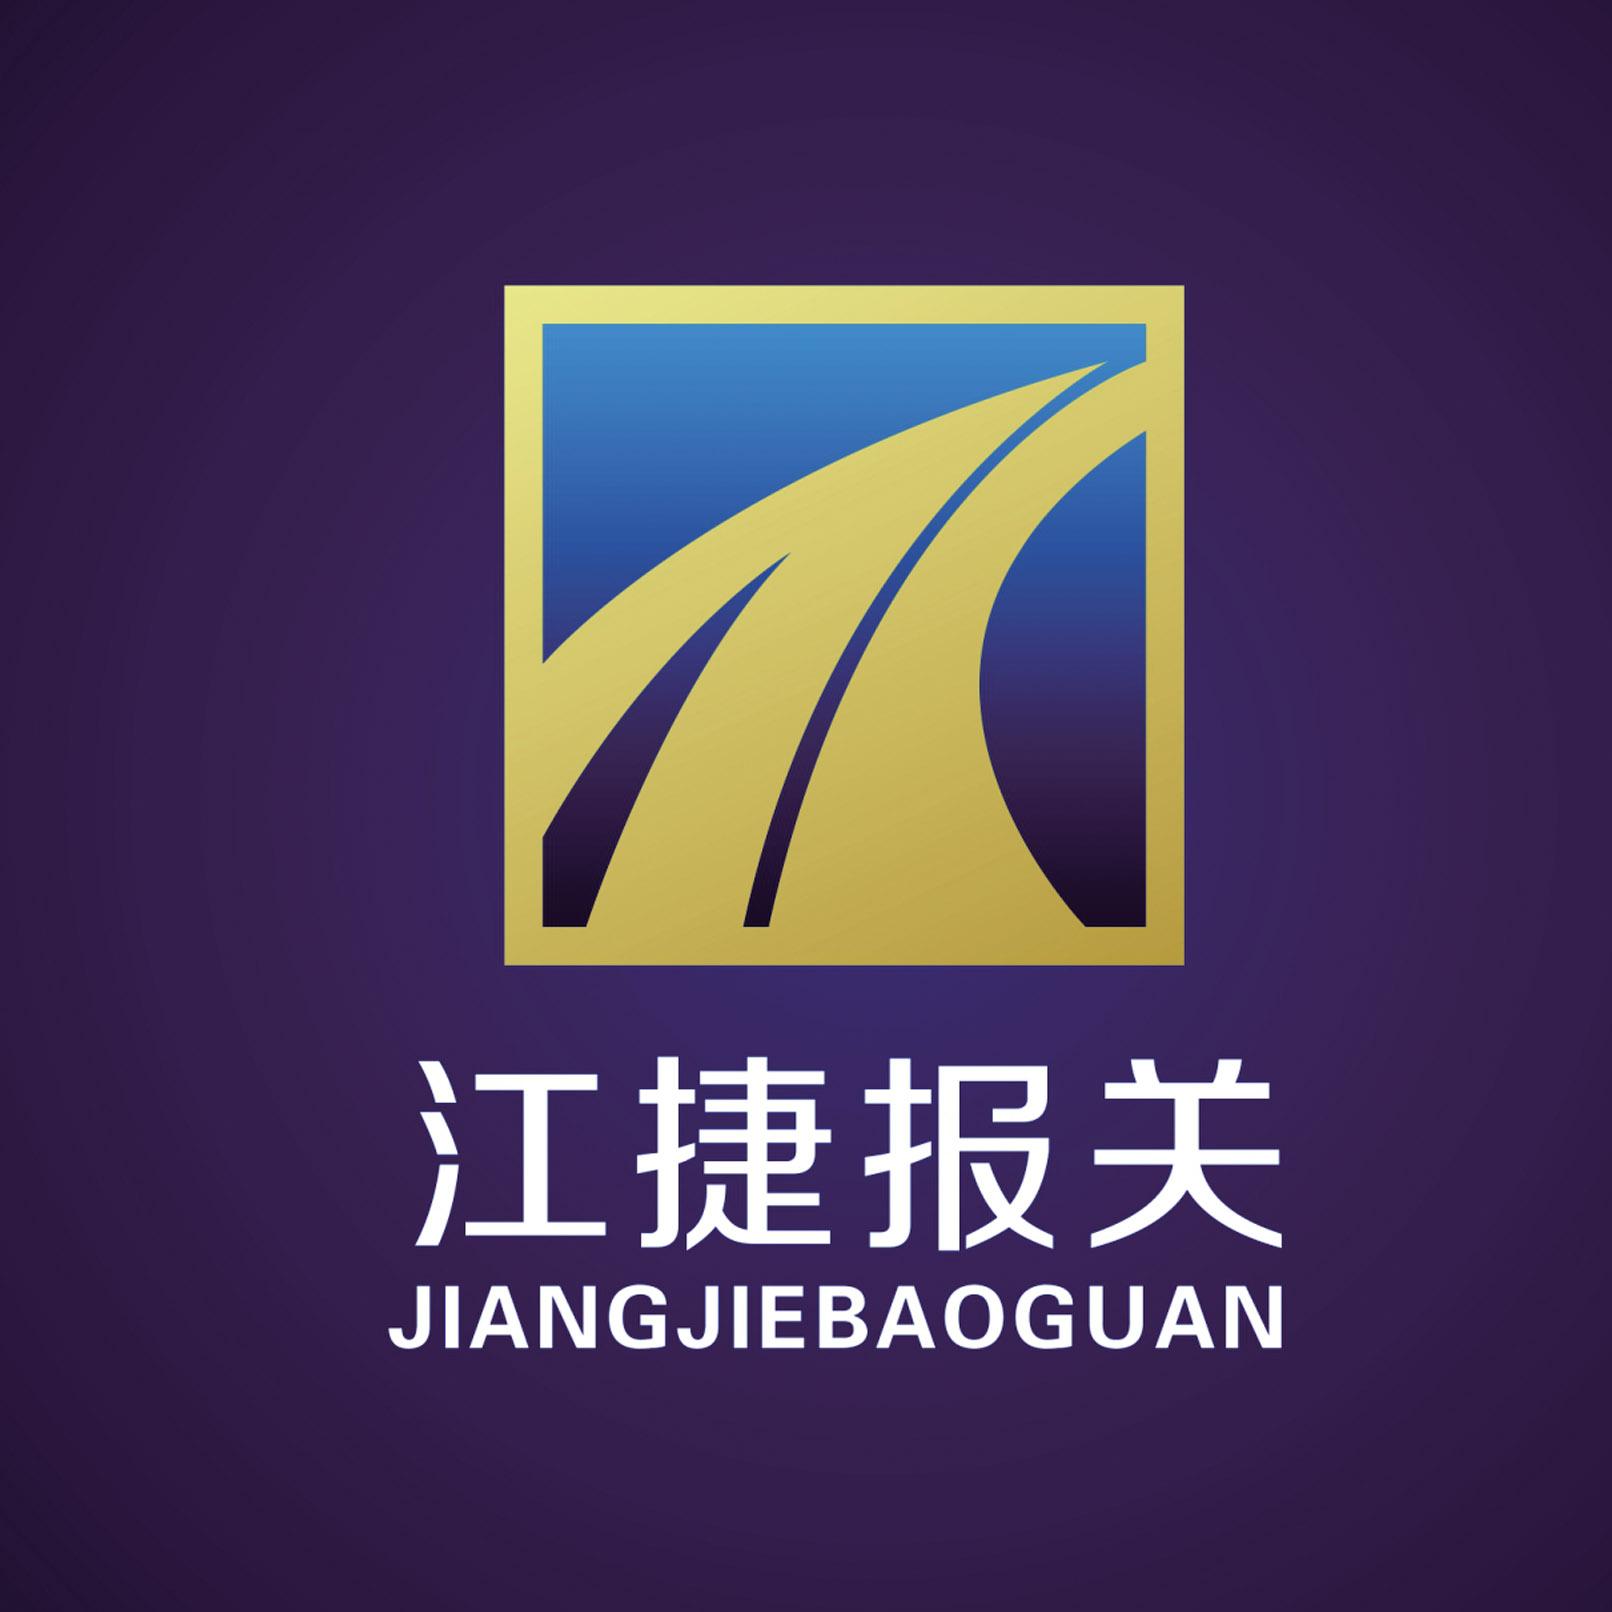 江捷报关logo